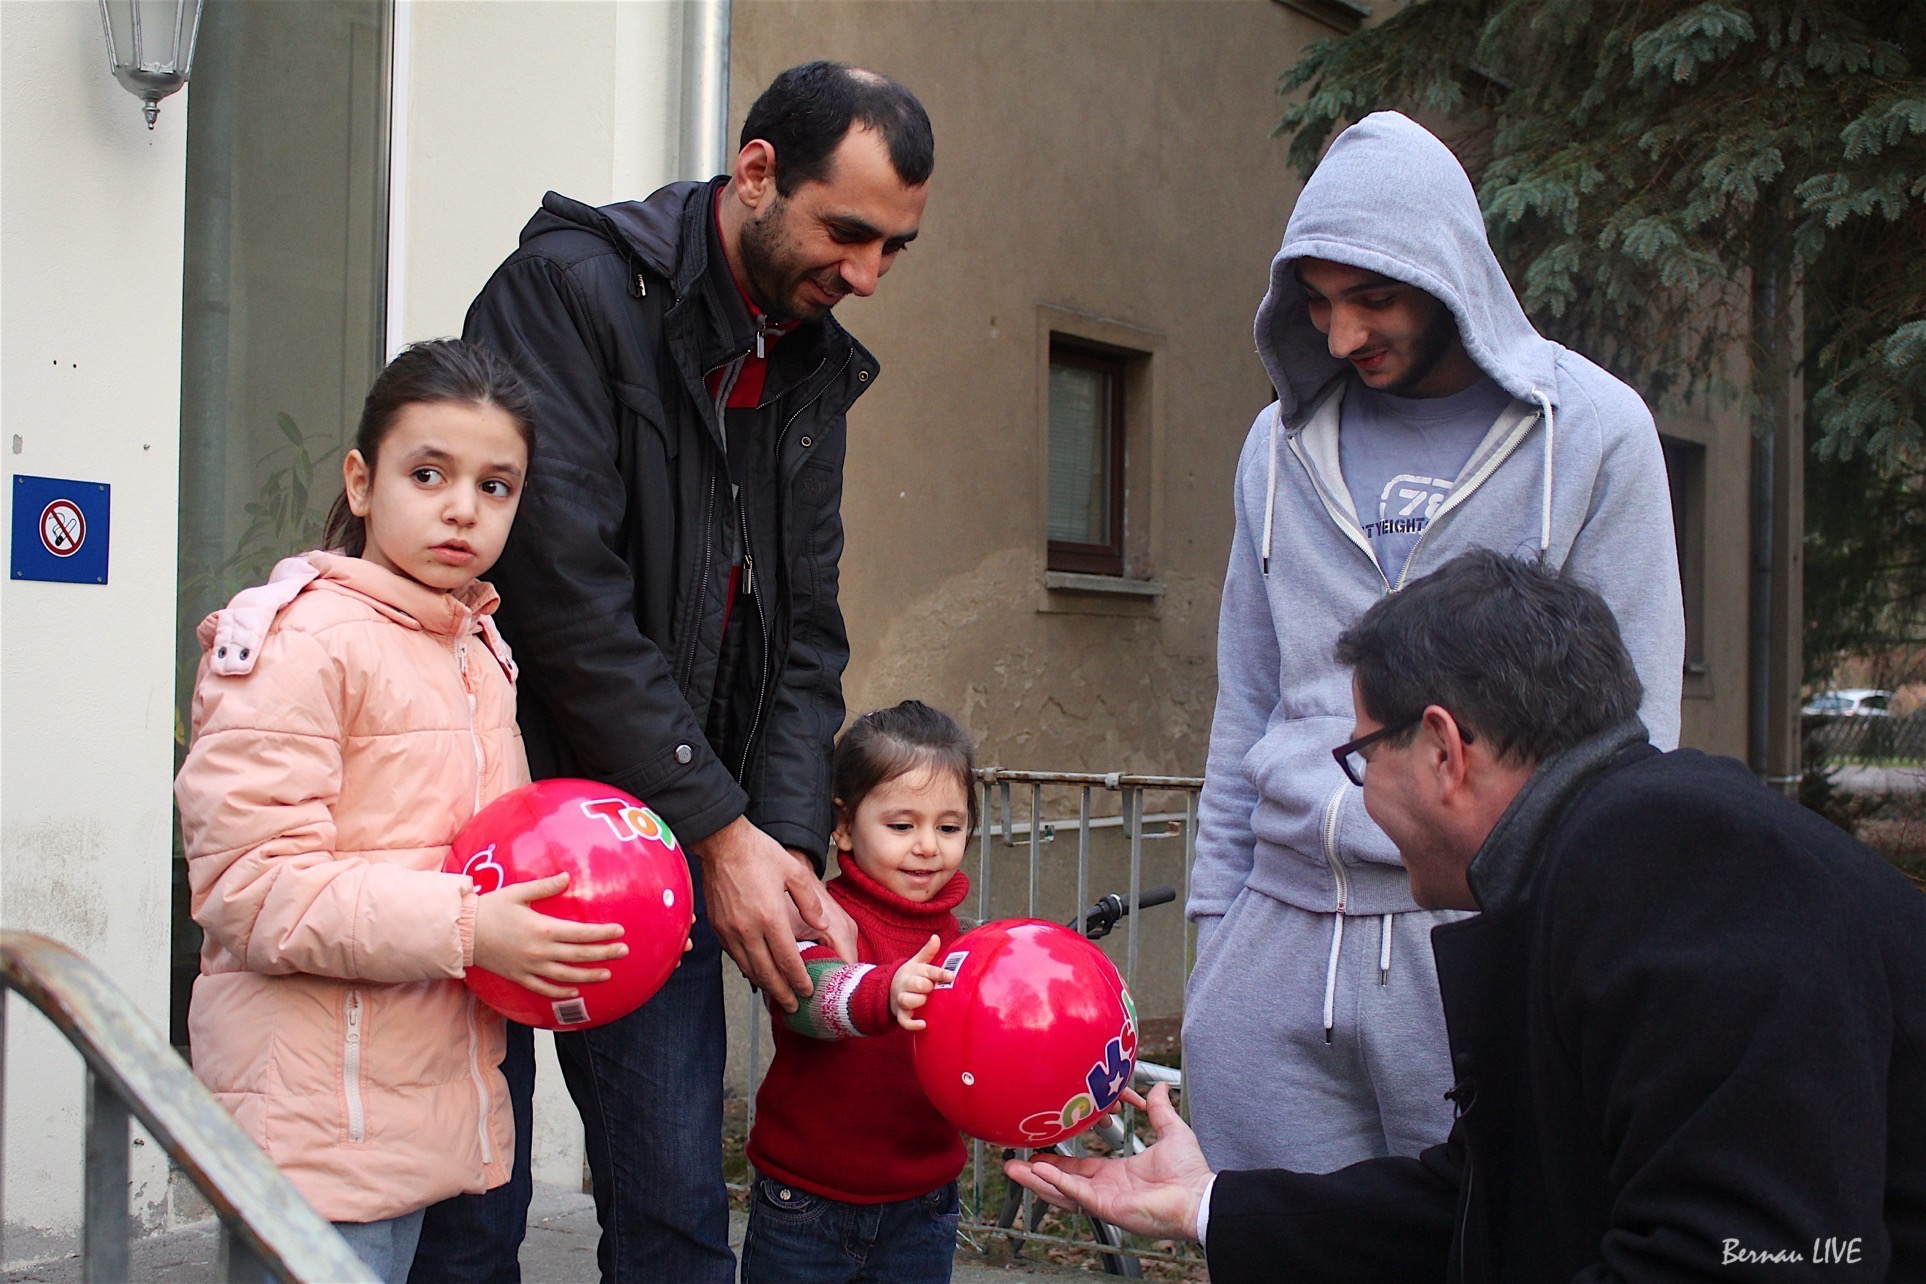 Bernau: Fahrräder und mehr für die Flüchtlinge